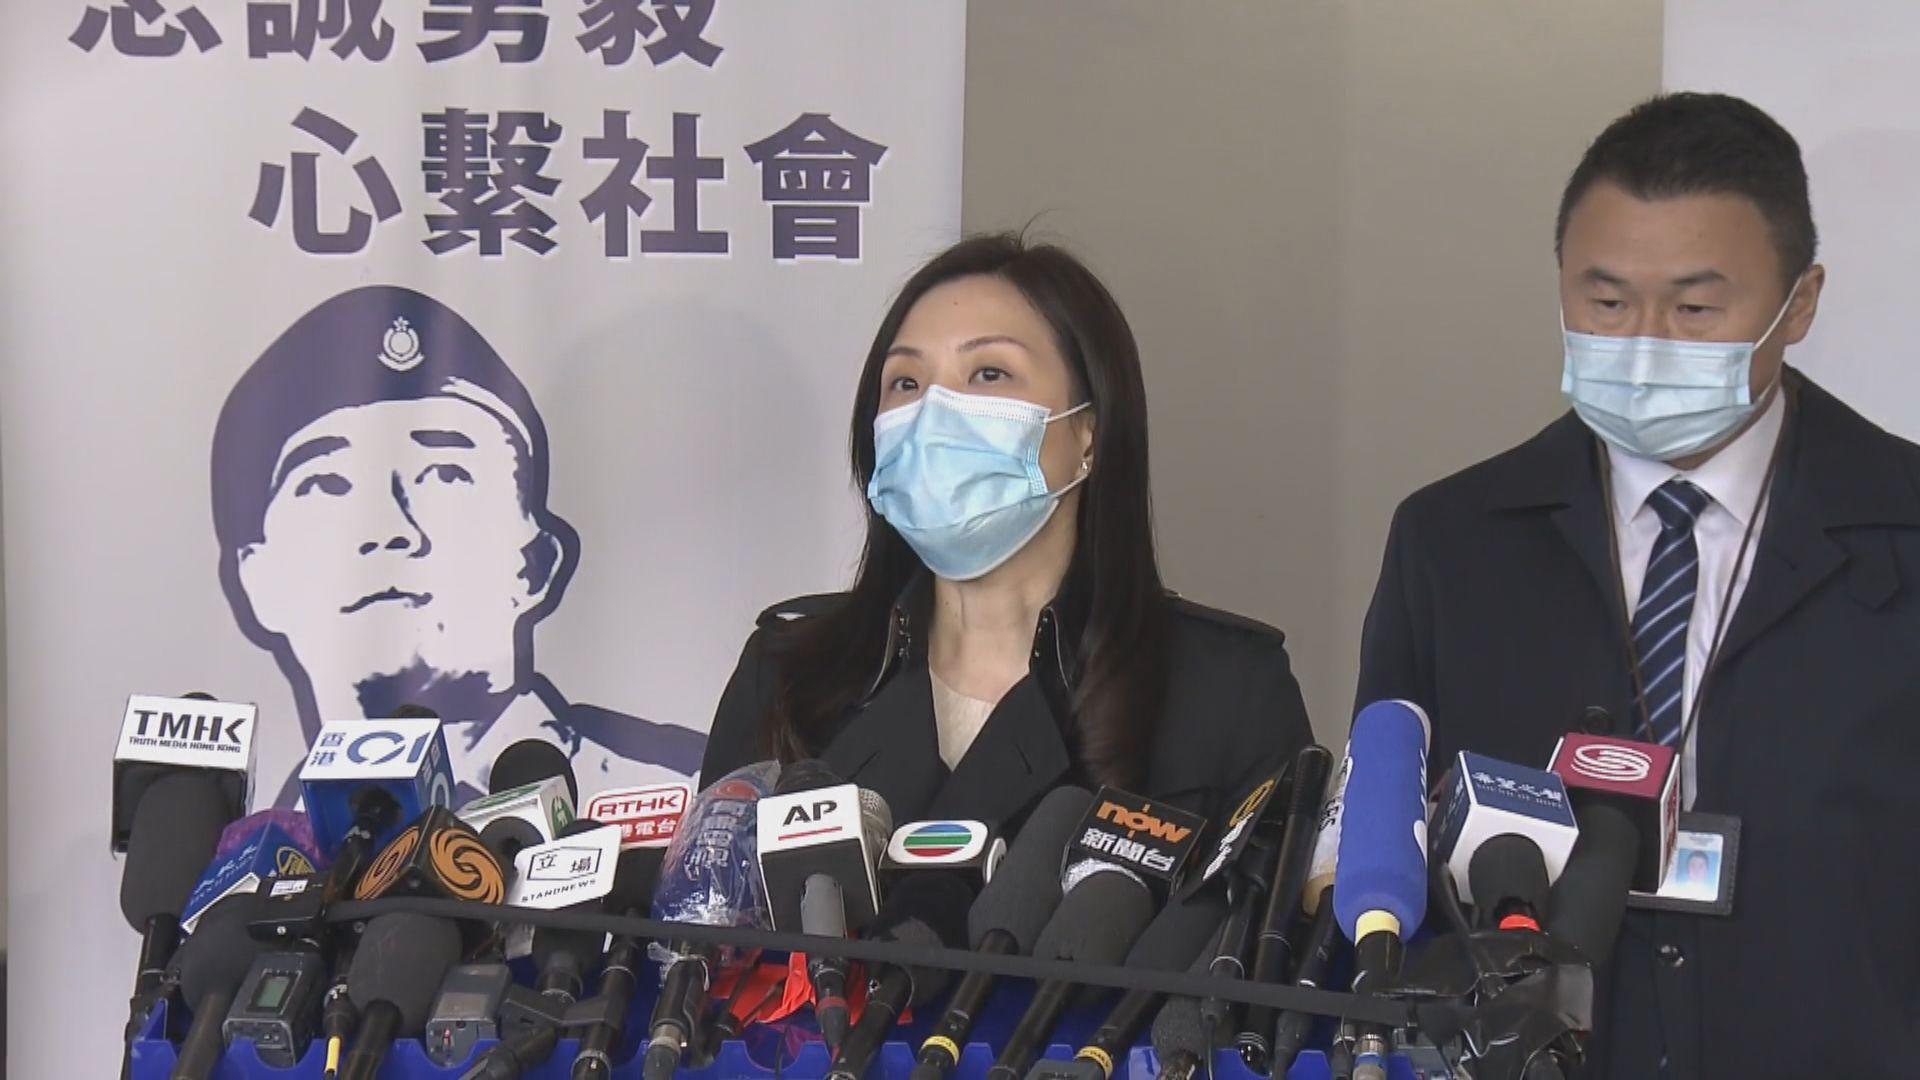 警方:兩被告需強制檢疫14日 會通知法庭押後處理案件